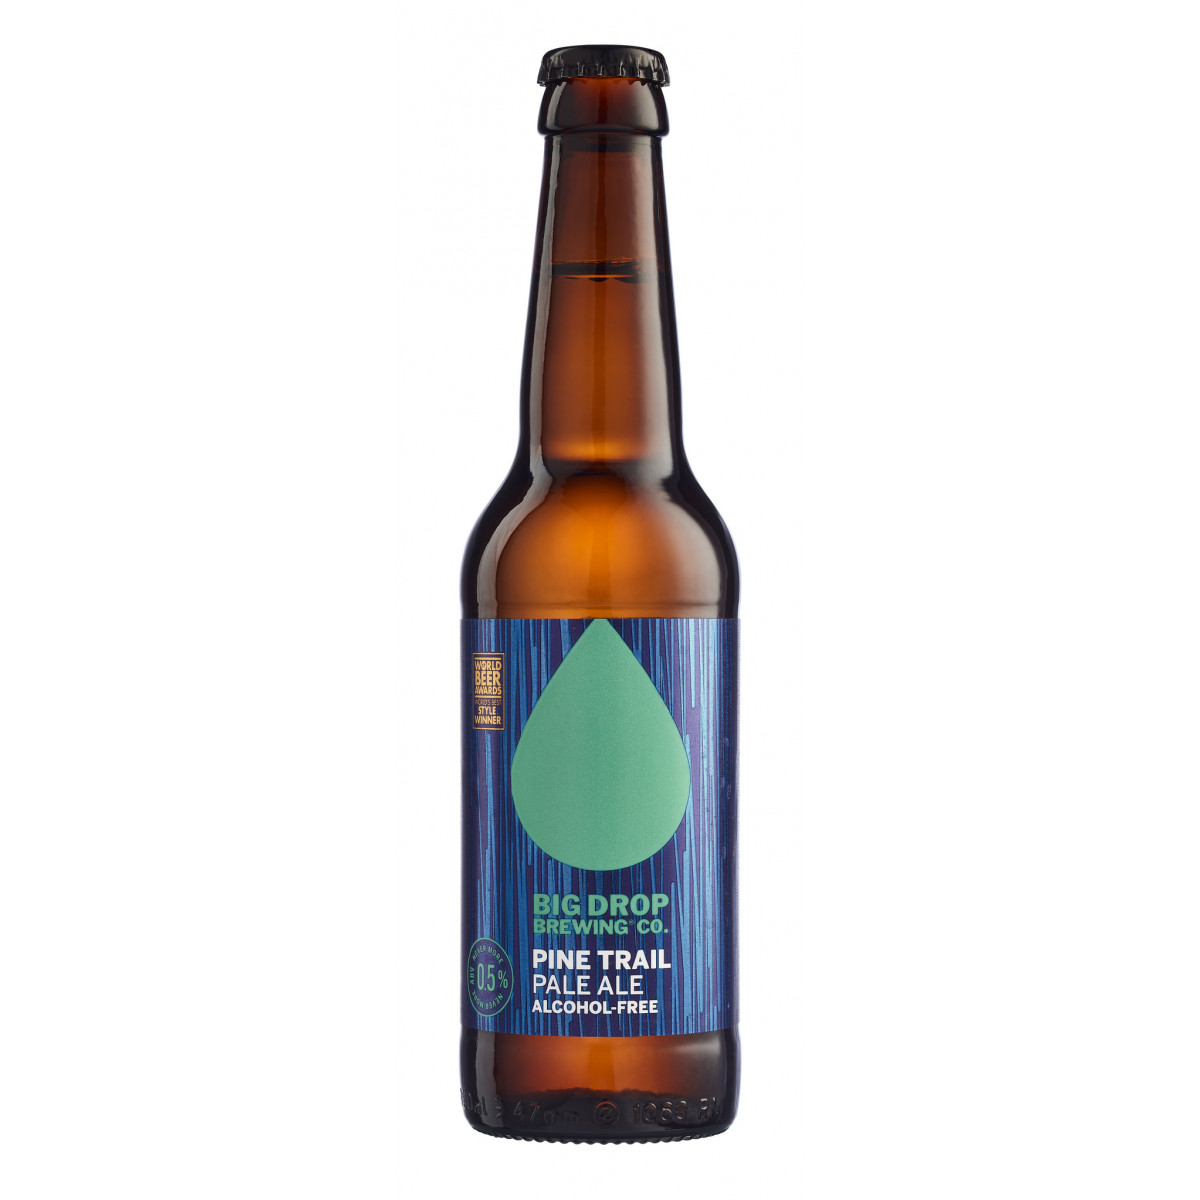 Pine Trail Pale Ale Alcoholvrij 0.5%